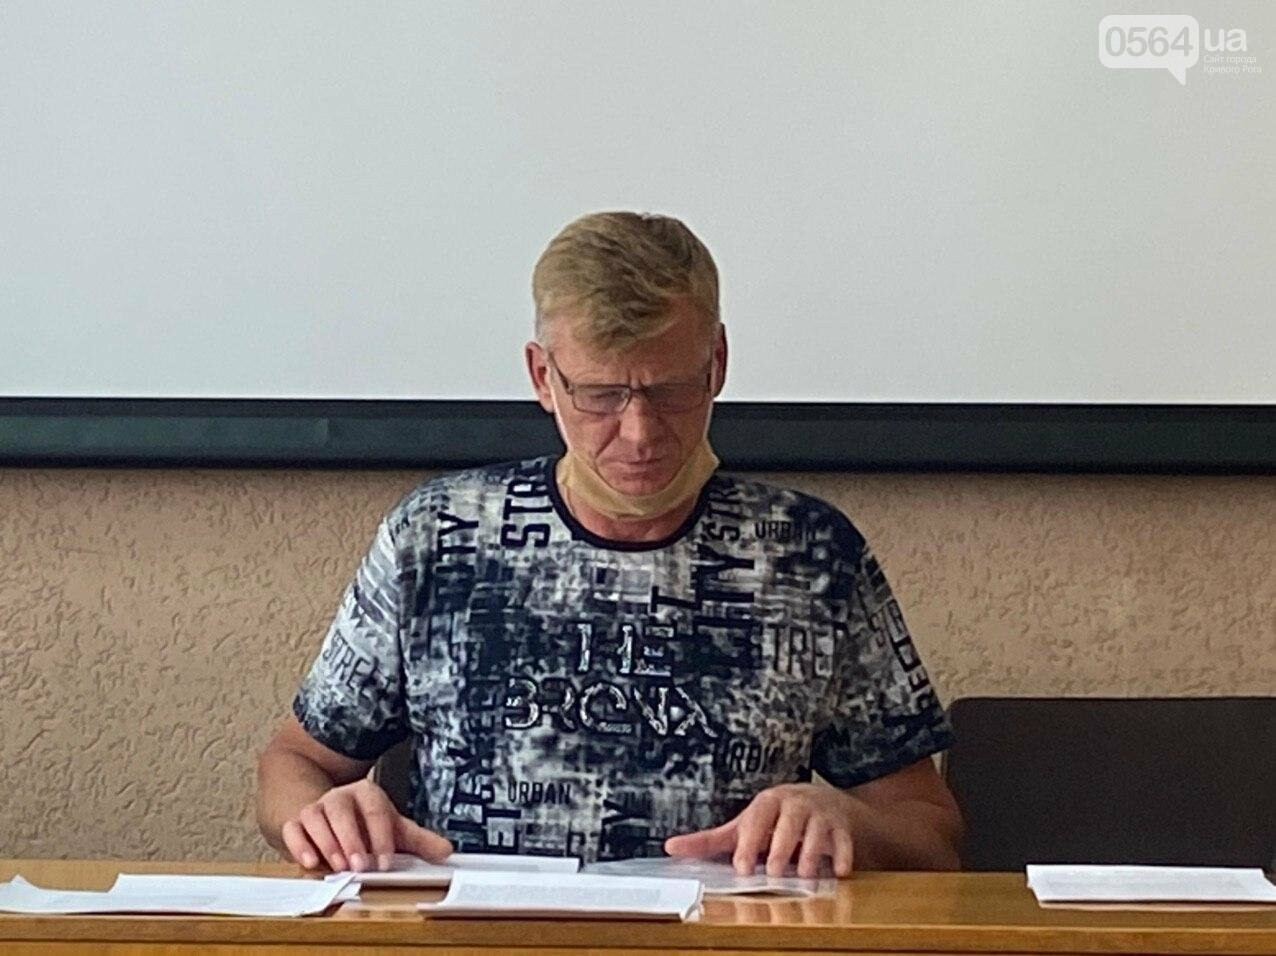 В Кривом Роге состоялось заседание рабочей группы по выплате 30 миллионов на покупку жилья бойцам АТО, - ФОТО, ВИДЕО, фото-4